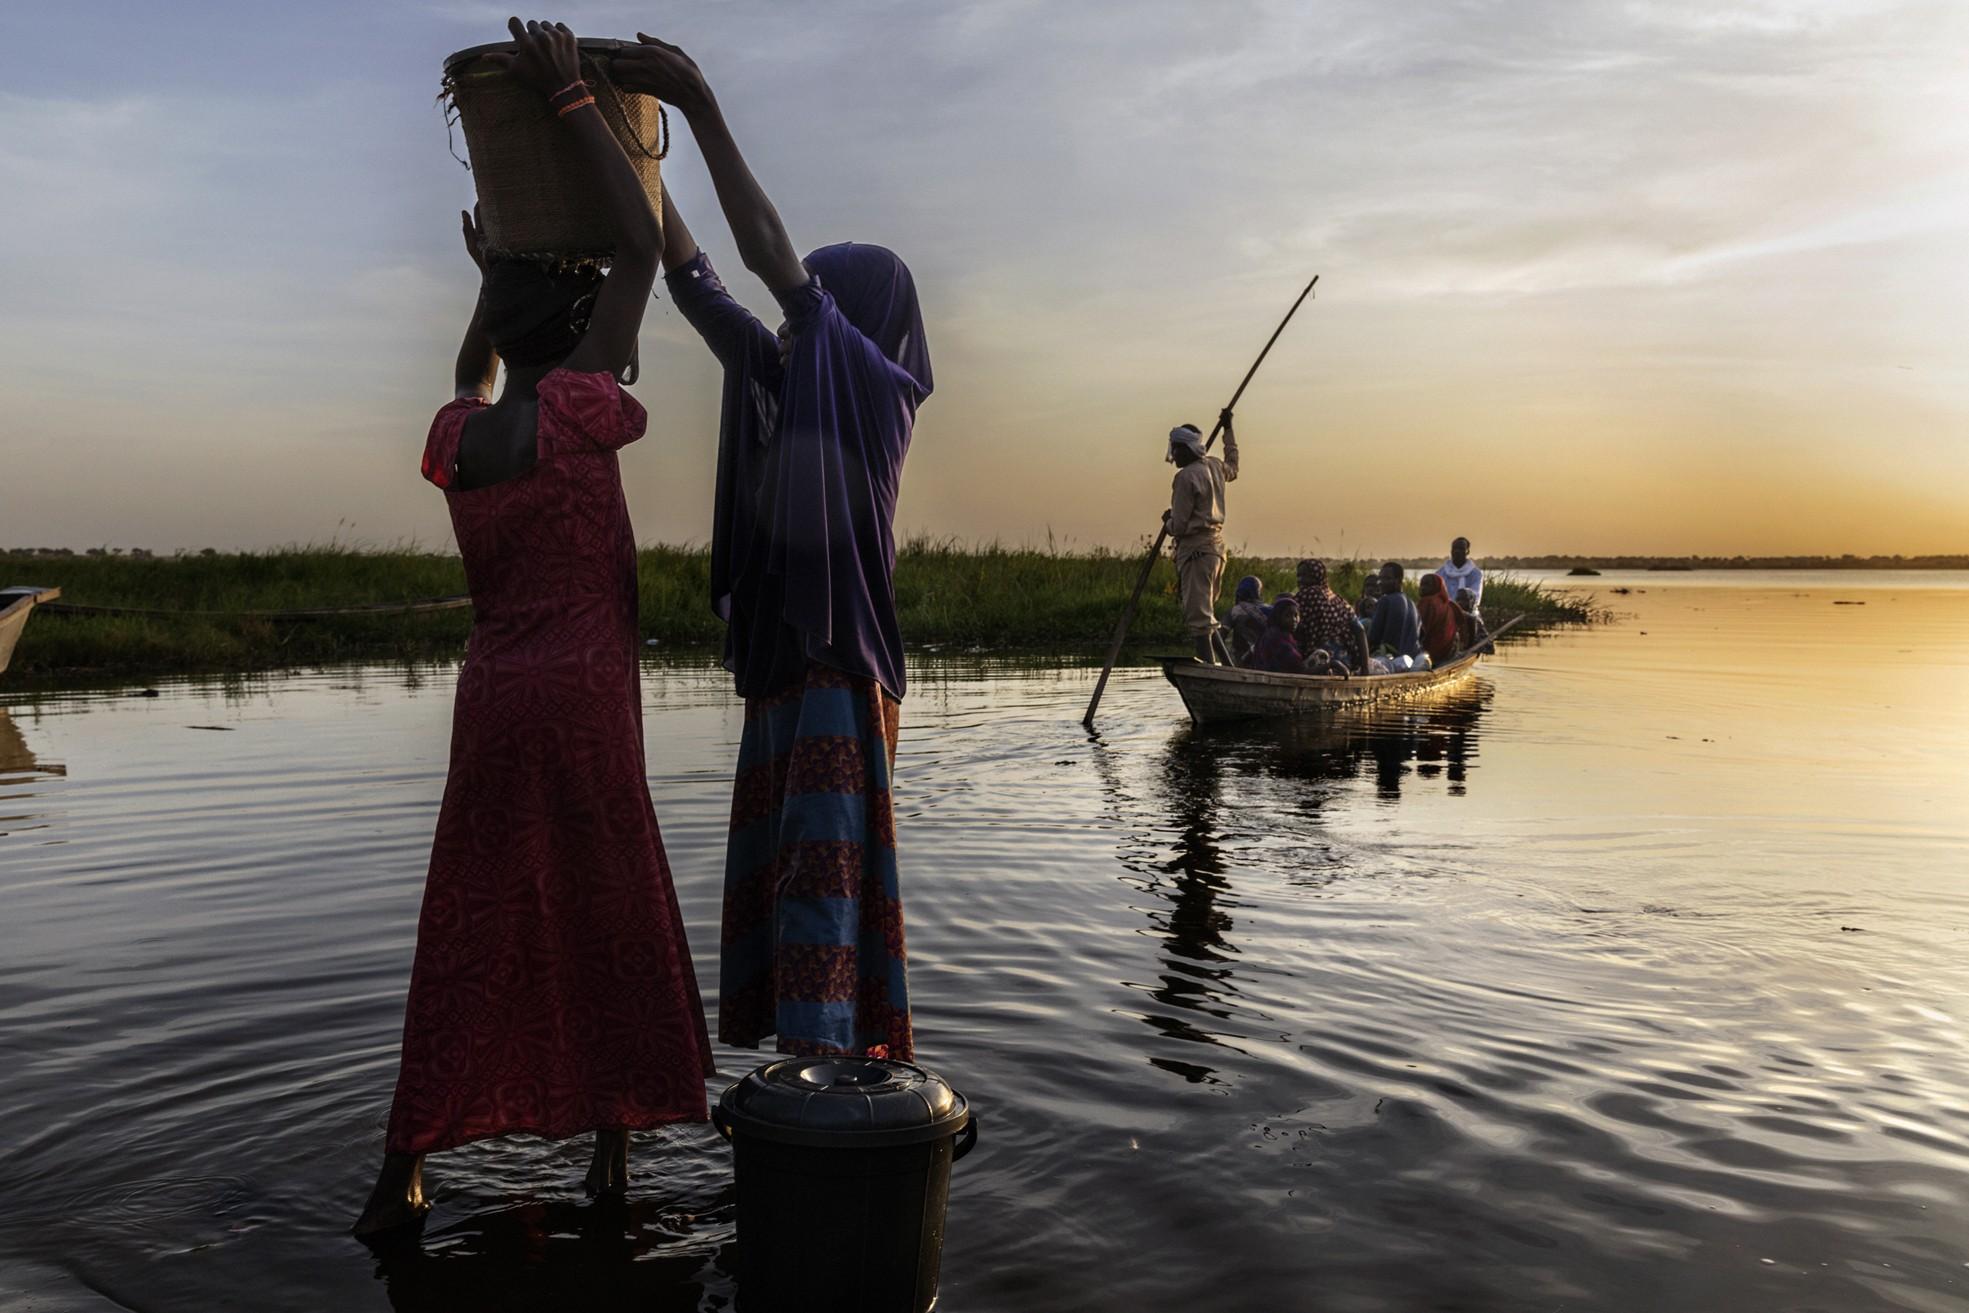 Africa, Ciad, 15 ottobre 2018. Una grave crisi umanitaria è in corso nel bacino del lago Ciad. Oltre due milioni di rifugiati, cinque milioni di persone a rischio di insicurezza alimentare e 500.000 bambini affetti da malnutrizione acuta. Il lago Chad è vittima del desertificazione che ne sta minacciando la stessa esistenza della popolazioni che ne abitano le rive e dell'ecosistema che lo popola. Dagli anni 50 ad oggi, il lago Chad che era il quarto lago più grande d'africa, ha ridotto la sua superficie del 90%. © Marco Gualazzini / Contrasto